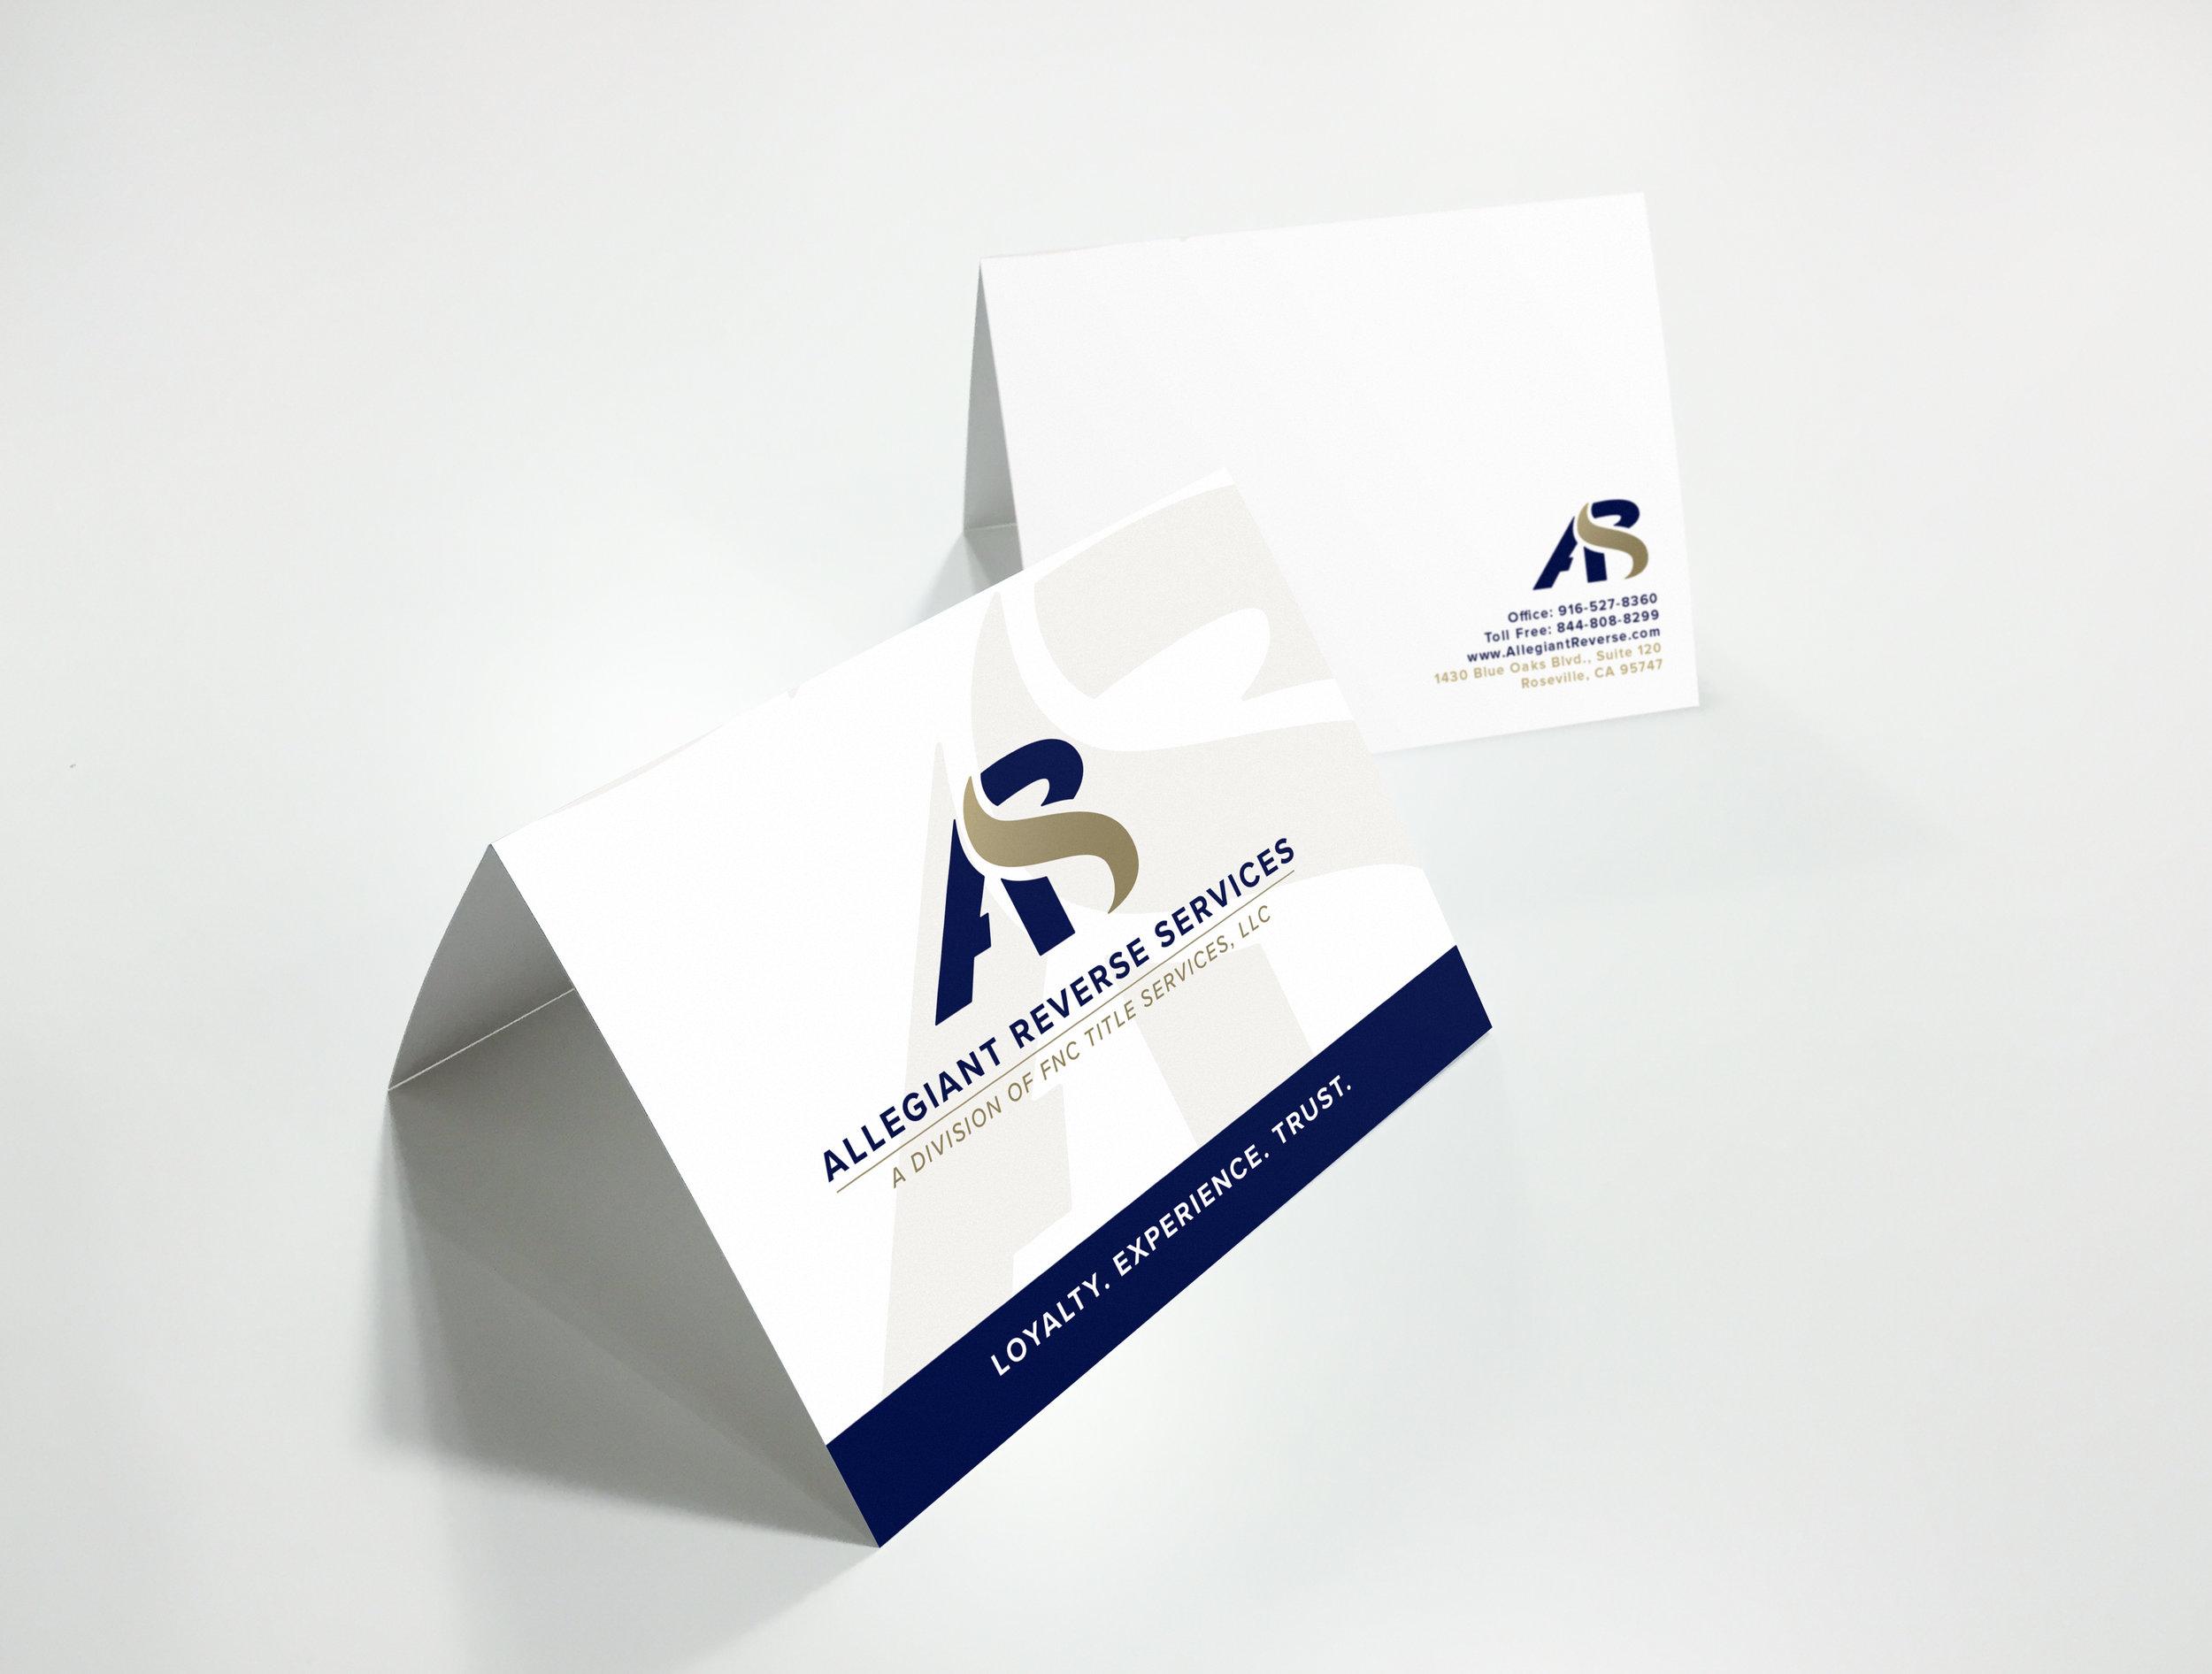 ARS Notecard Mockup.jpg